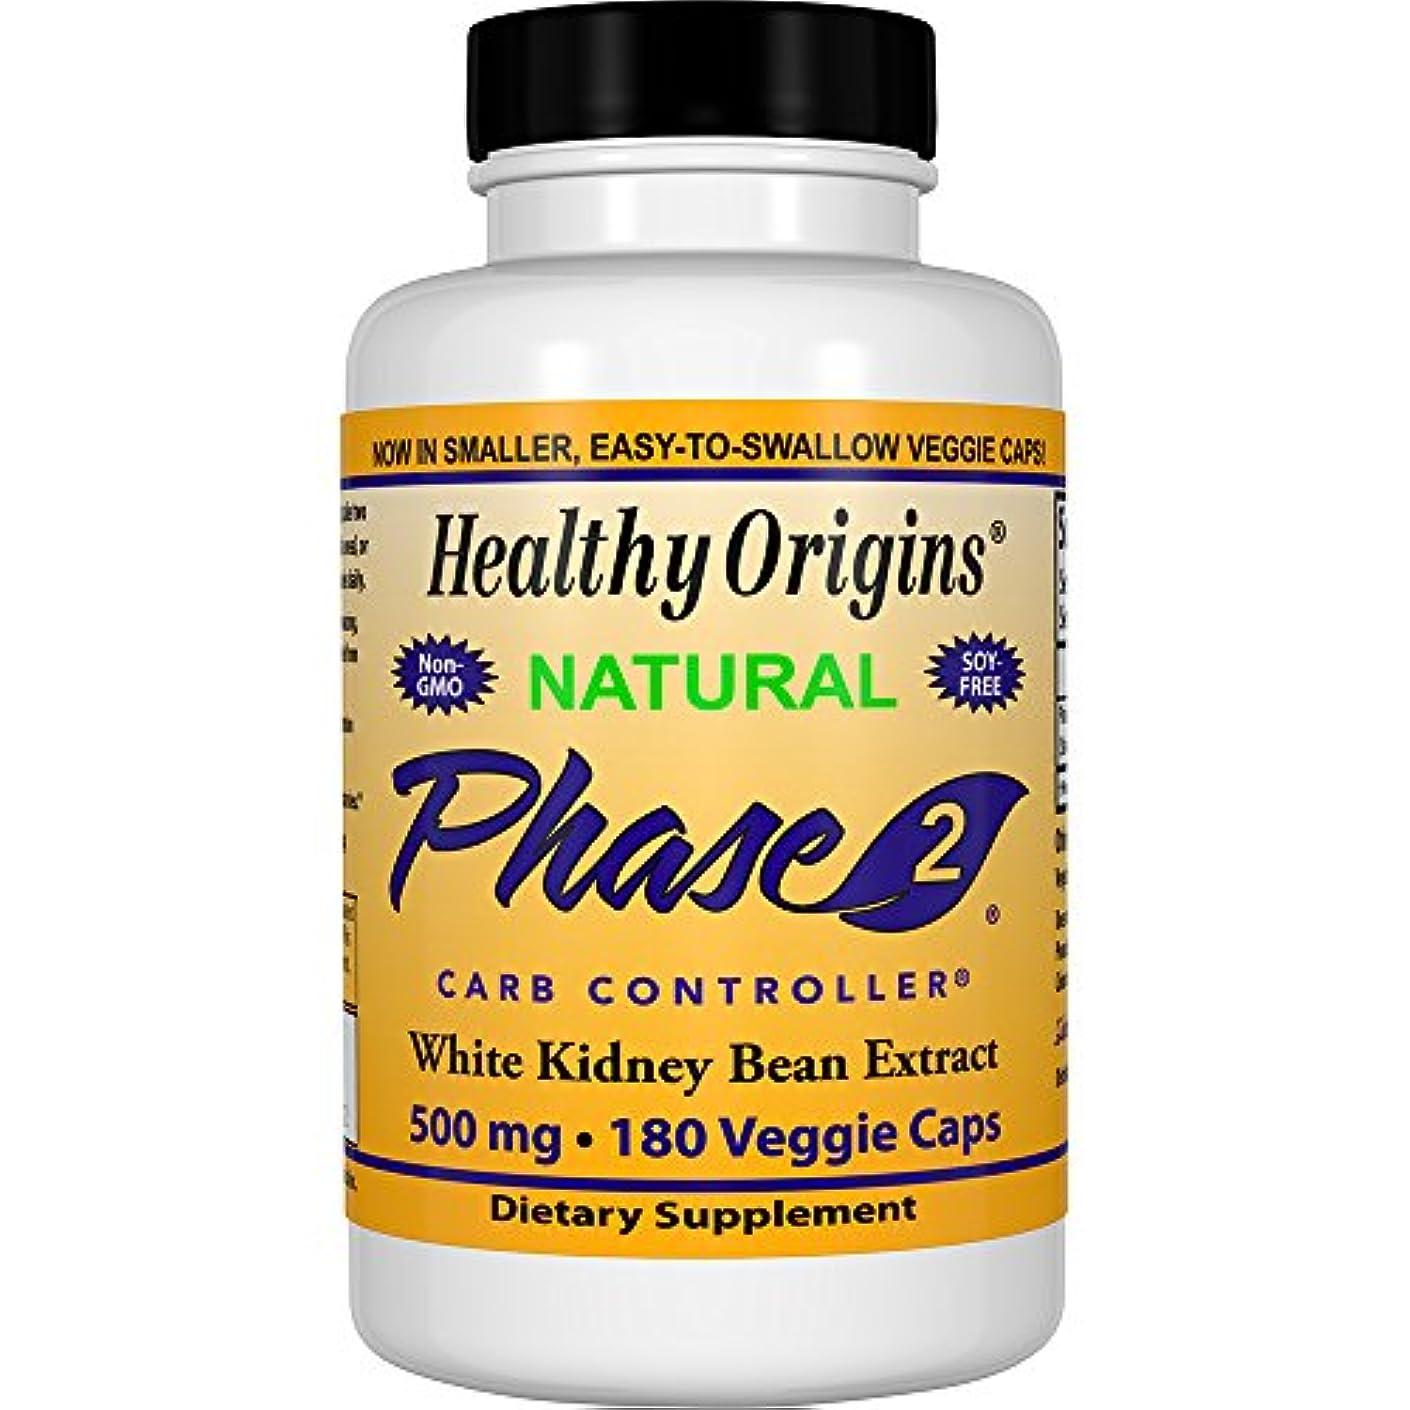 に同意する思い出させる治世Healthy Origins Phase 2 炭水化物 コントローラ 500 Mg、180 ベジタリアン カプセル